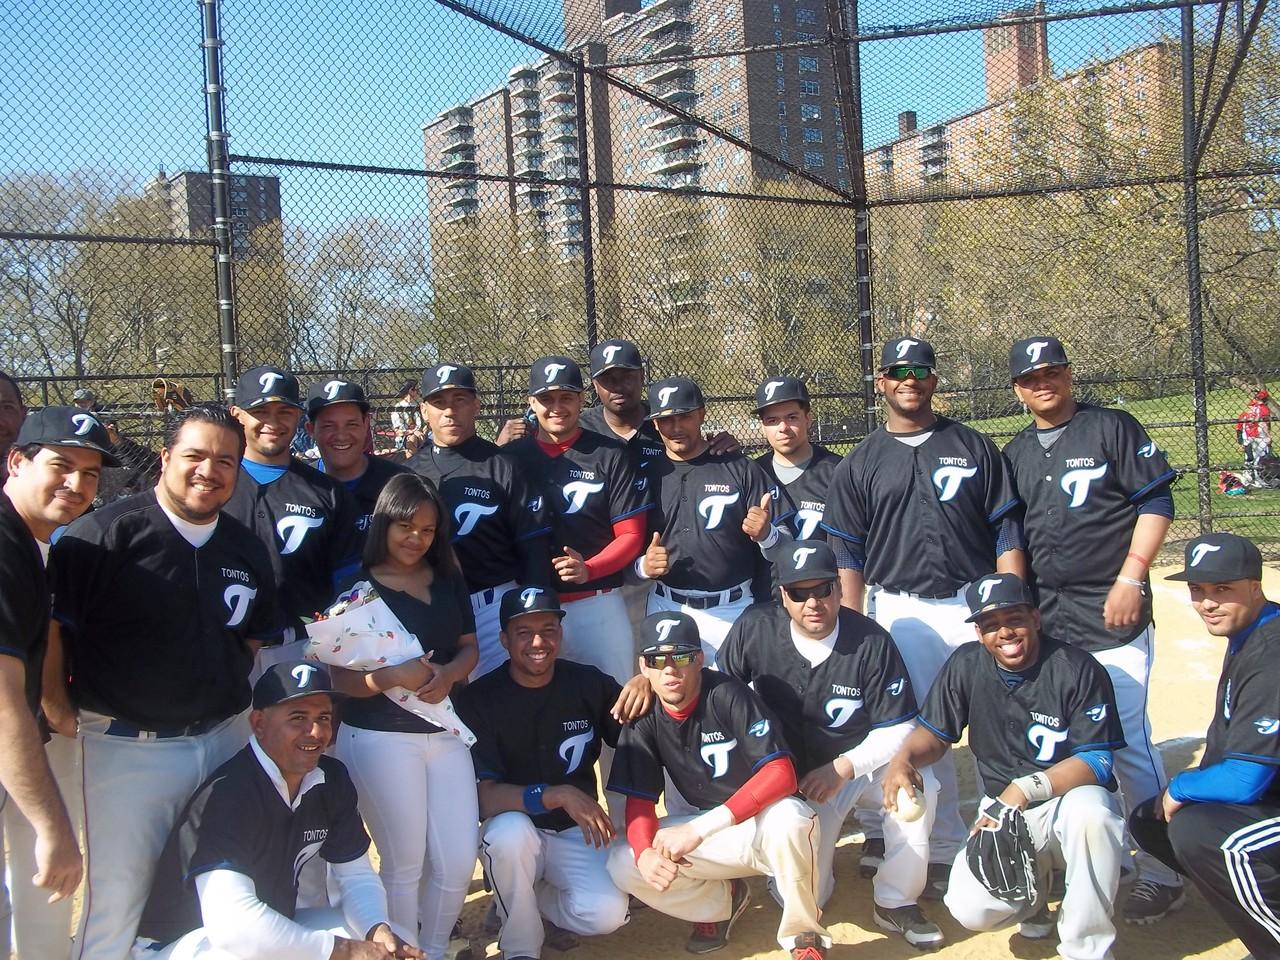 Equipo Los Tontos 2013